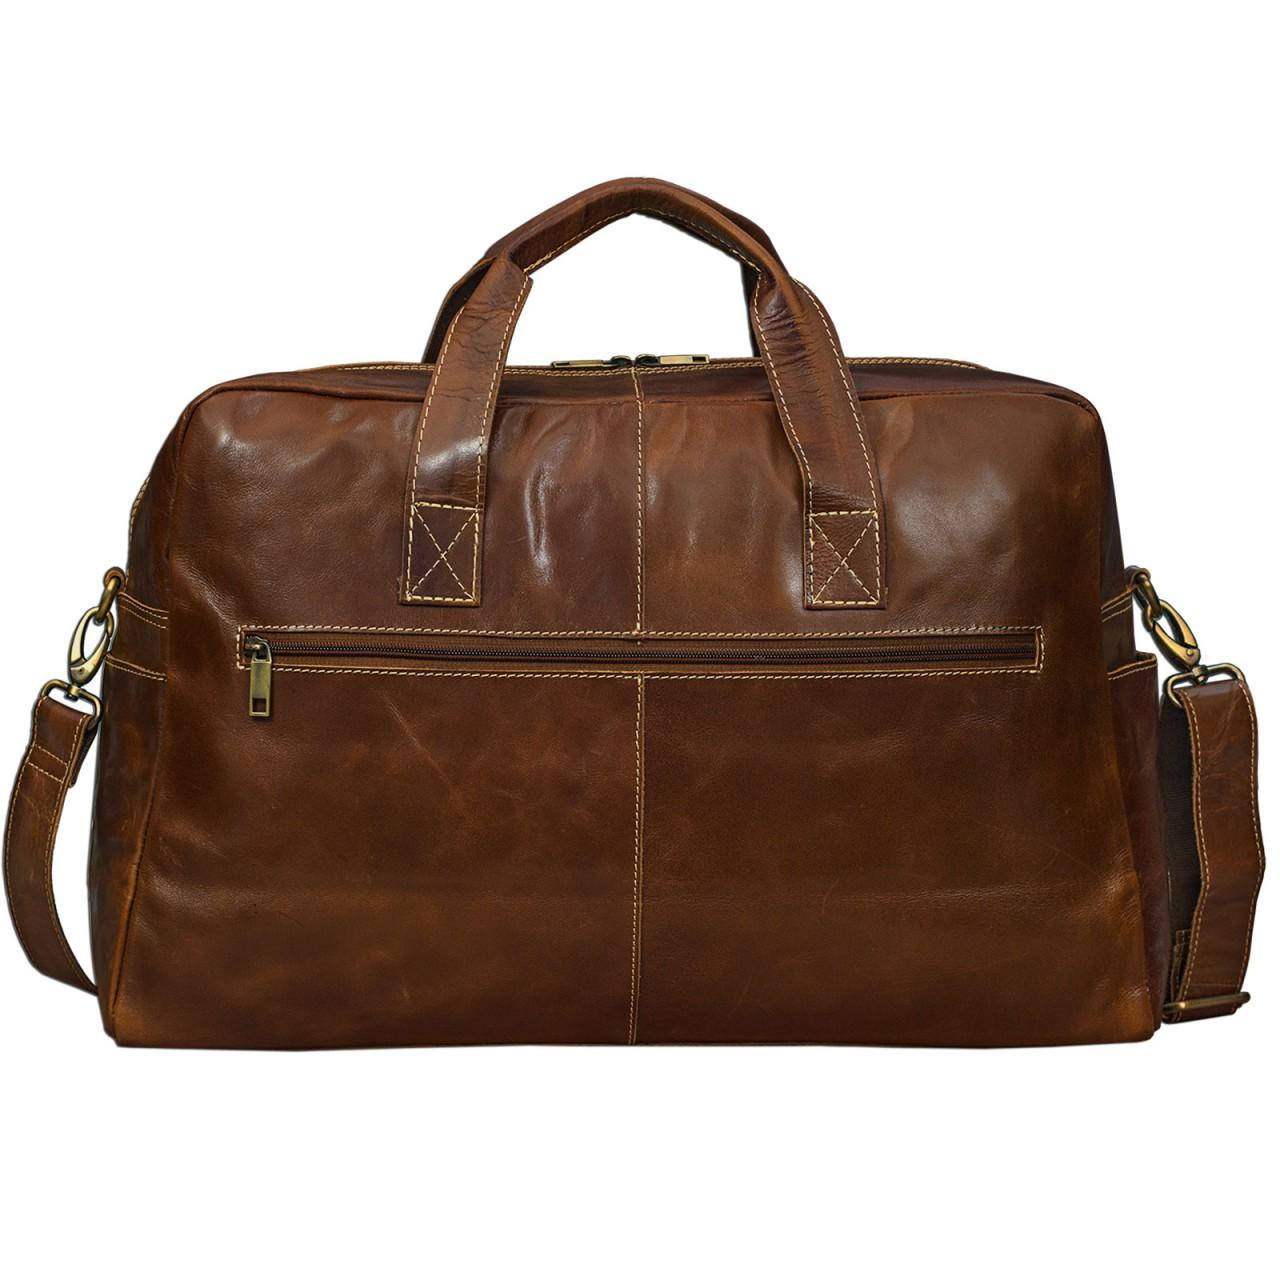 STILORD Vintage Reisetasche Umhängetasche Unisex Weekender für Flugzeug, Handgepäck in Kabinengröße, aus echtem Rinds Leder dunkelbraun - Bild 2